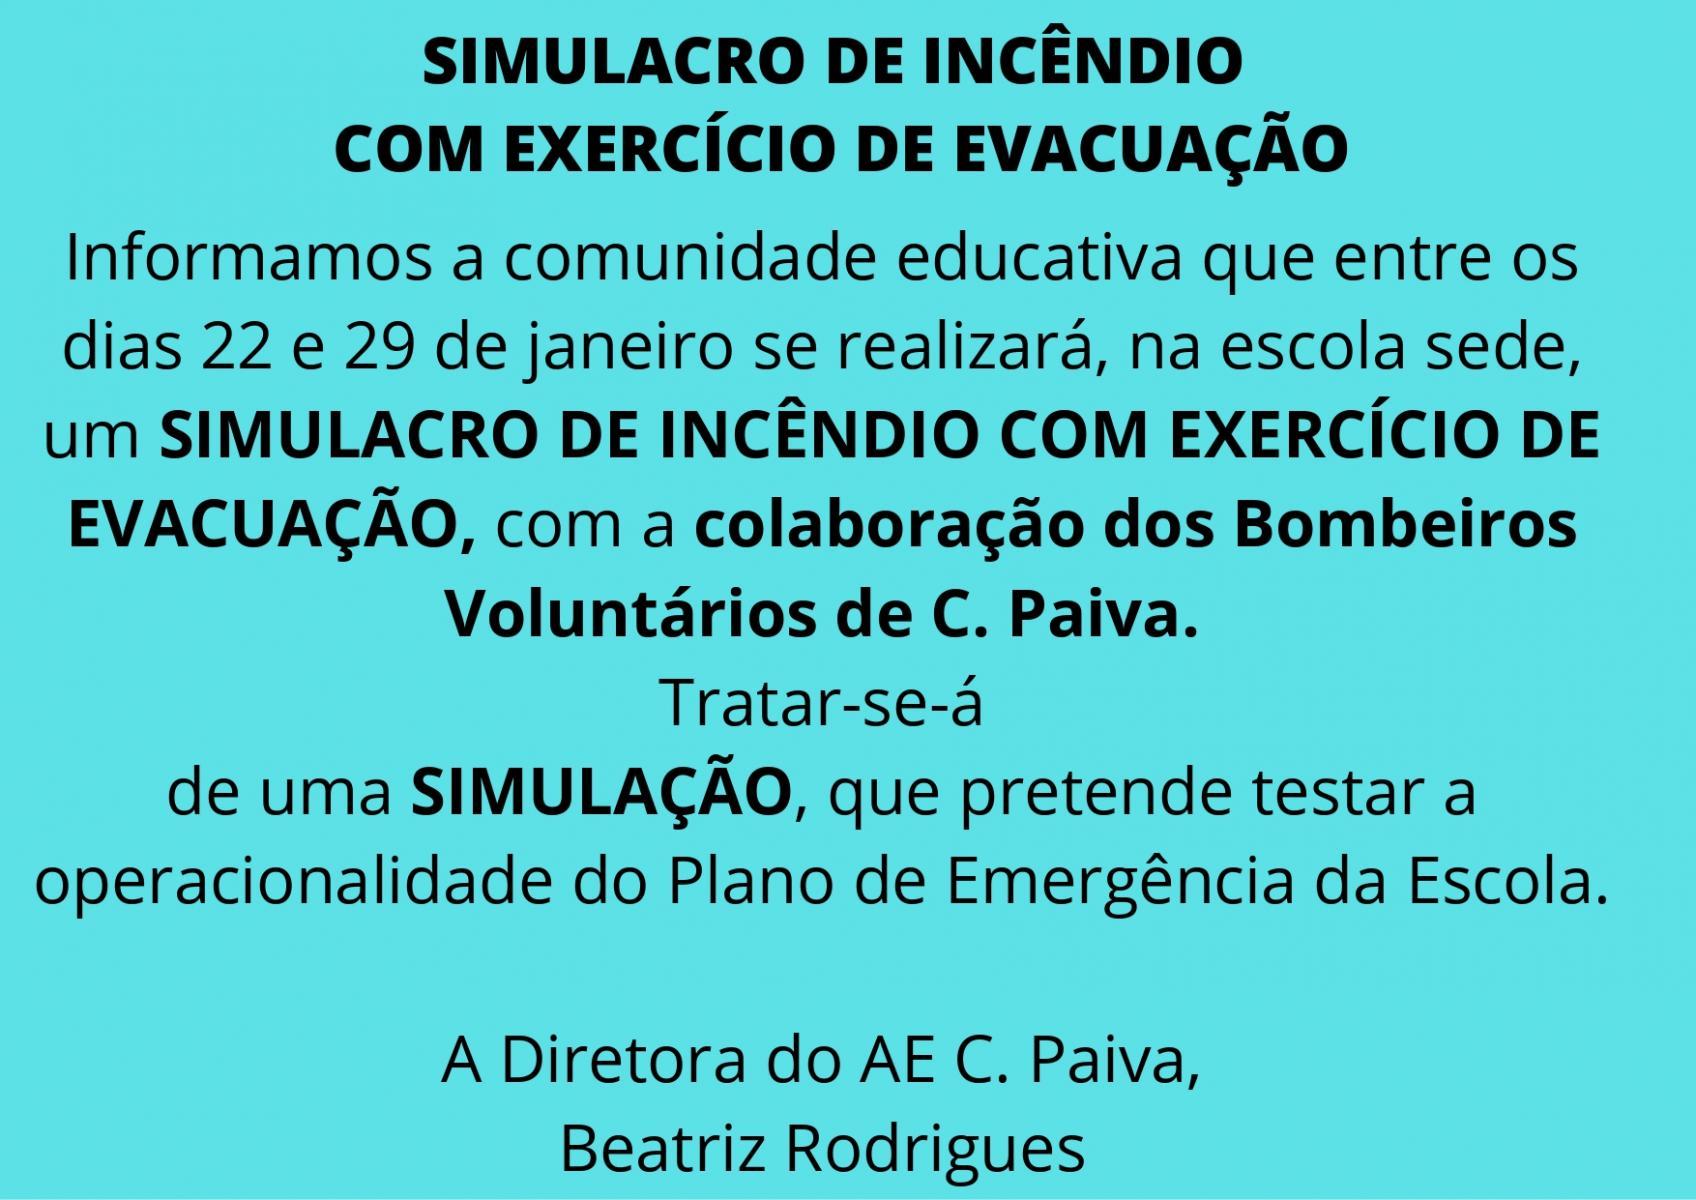 SIMULACRO DE INCÊNDIO COM EXERCÍCIO DE EVACUAÇÃO